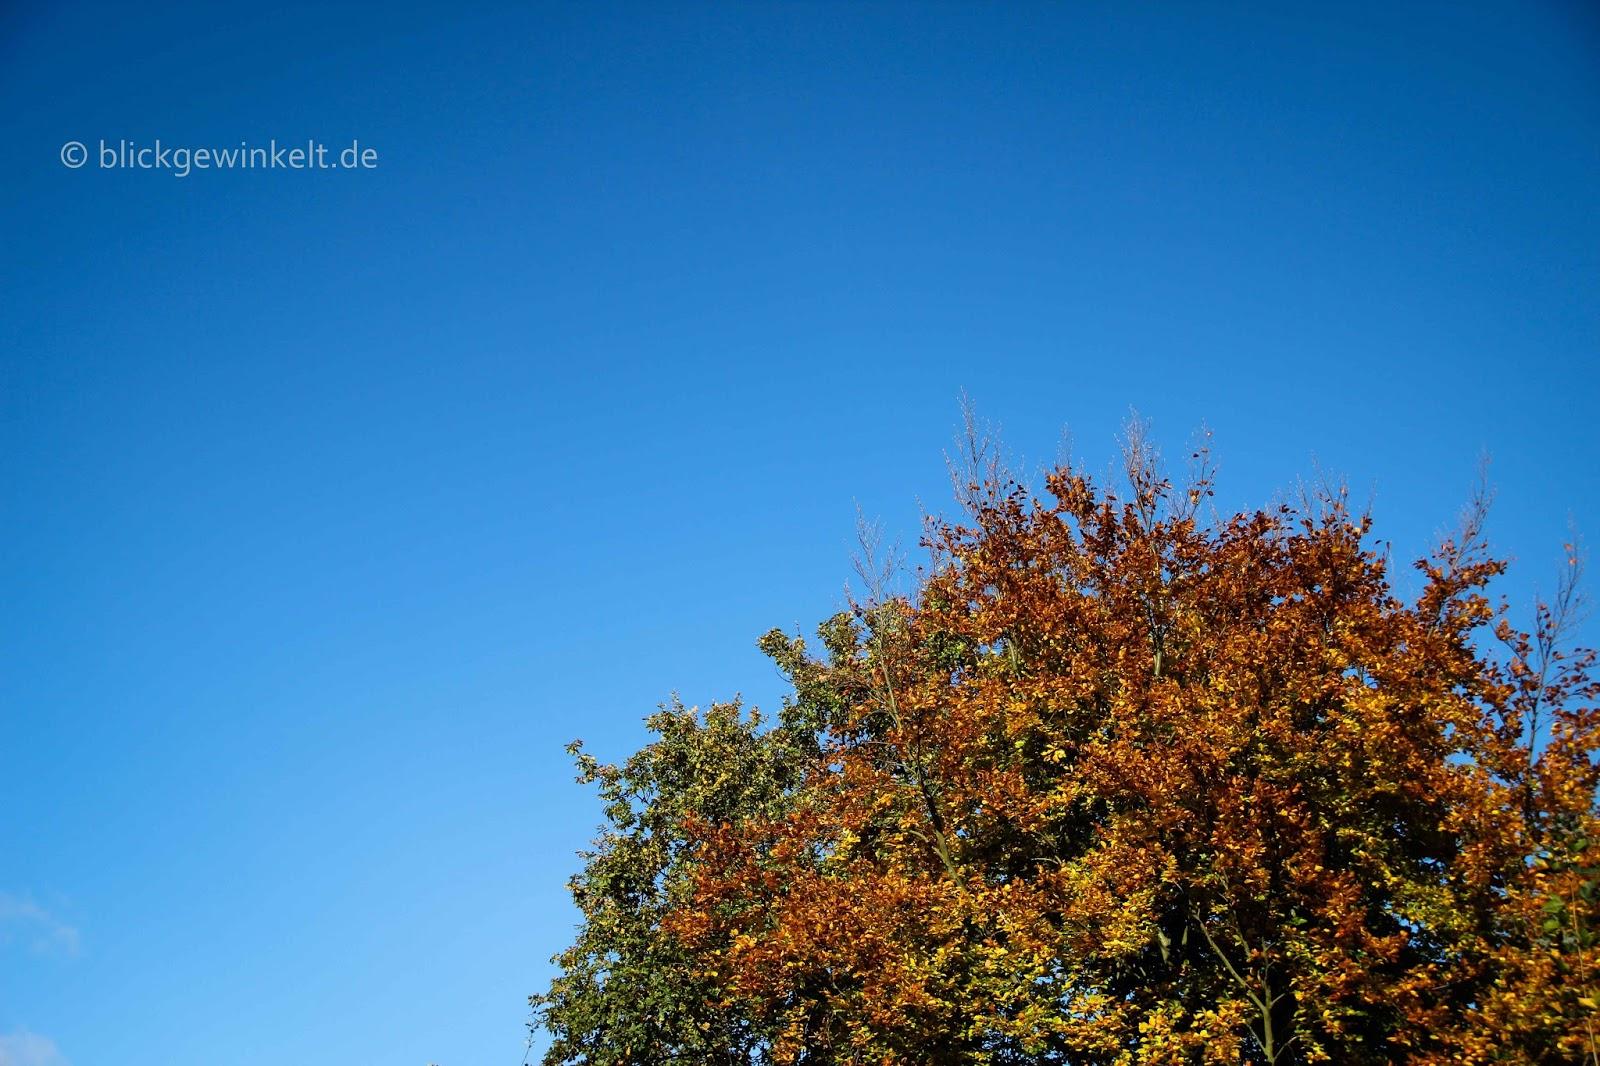 Herbstlaub und blauer Himmel